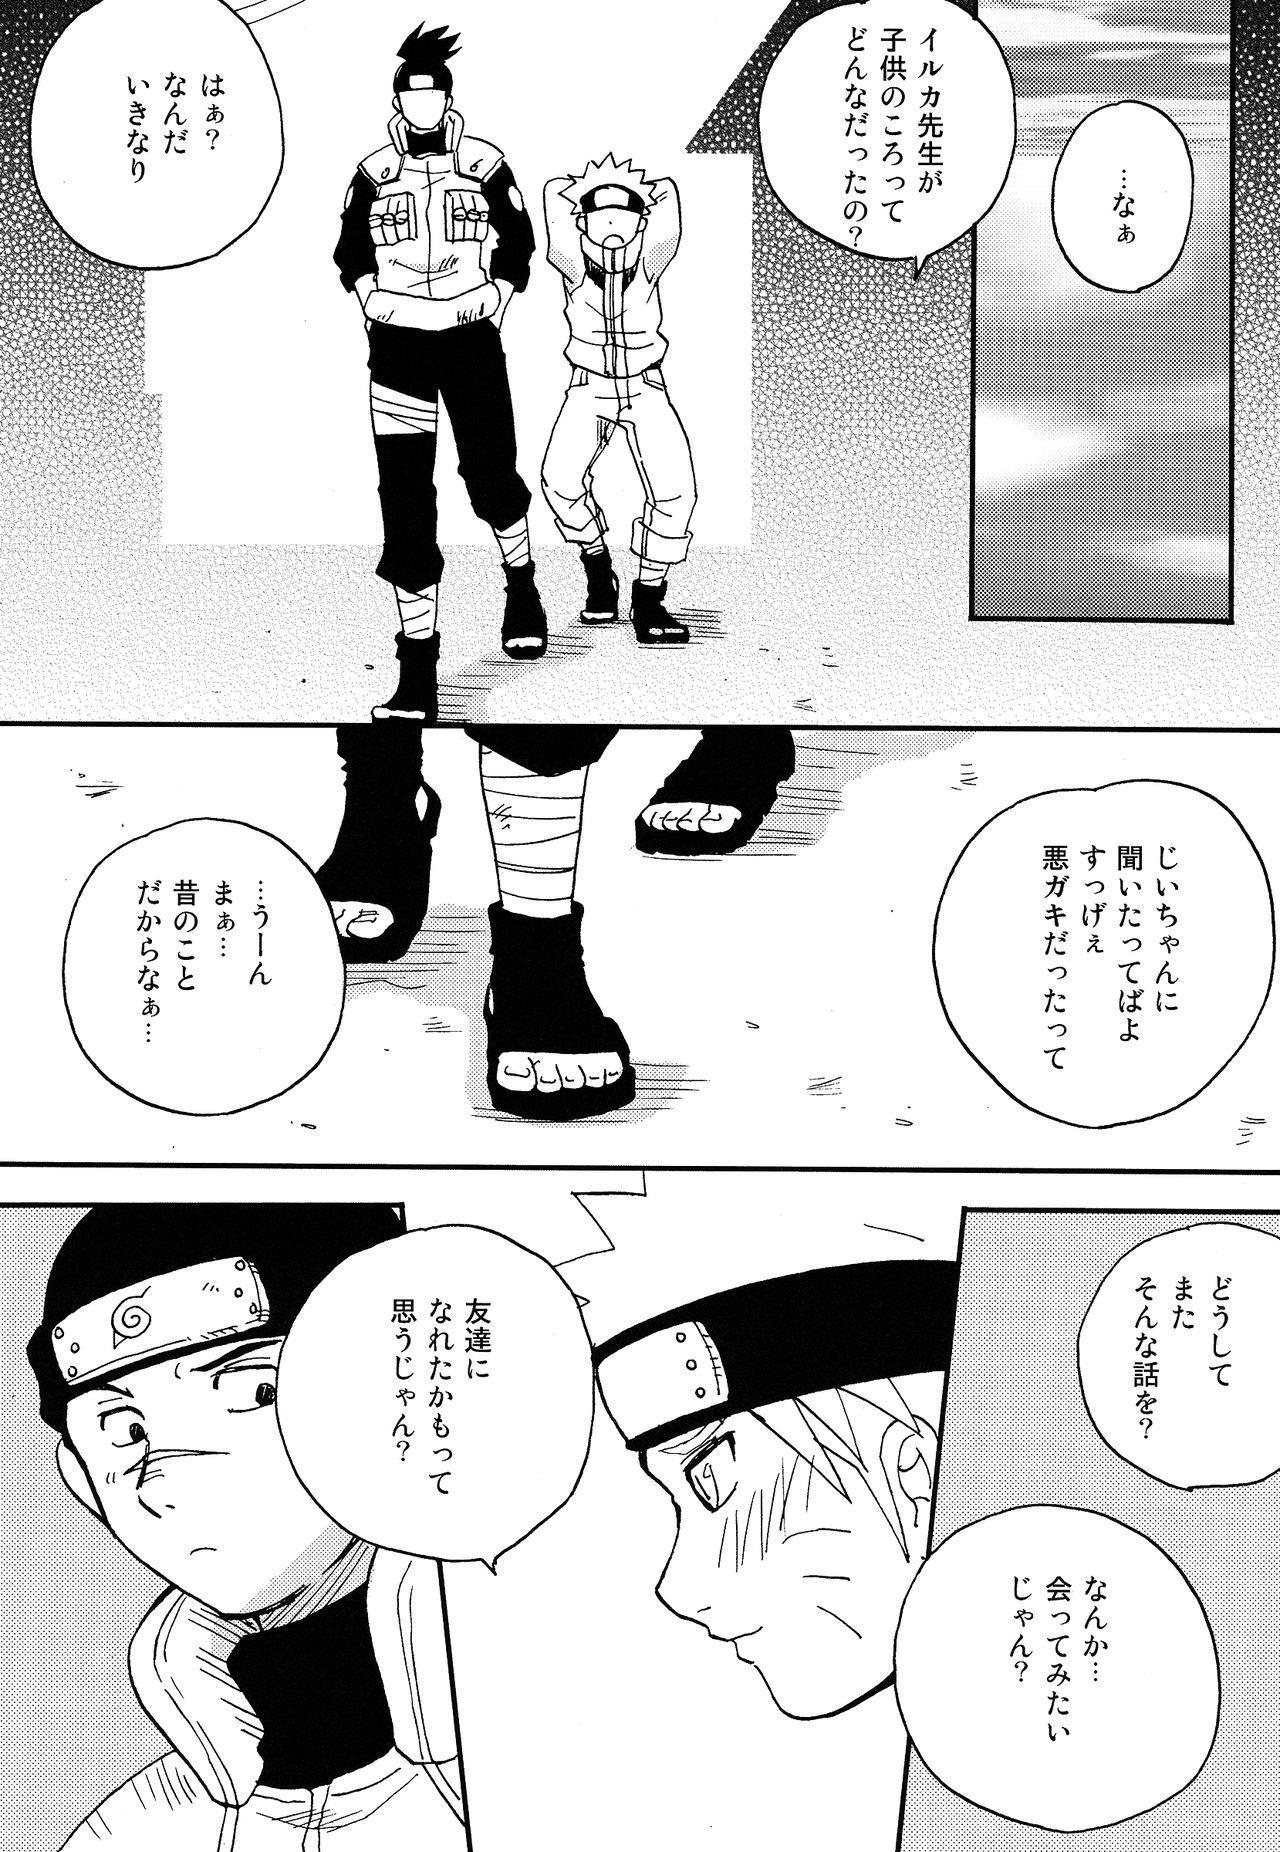 IruNaru no Wadachi 73